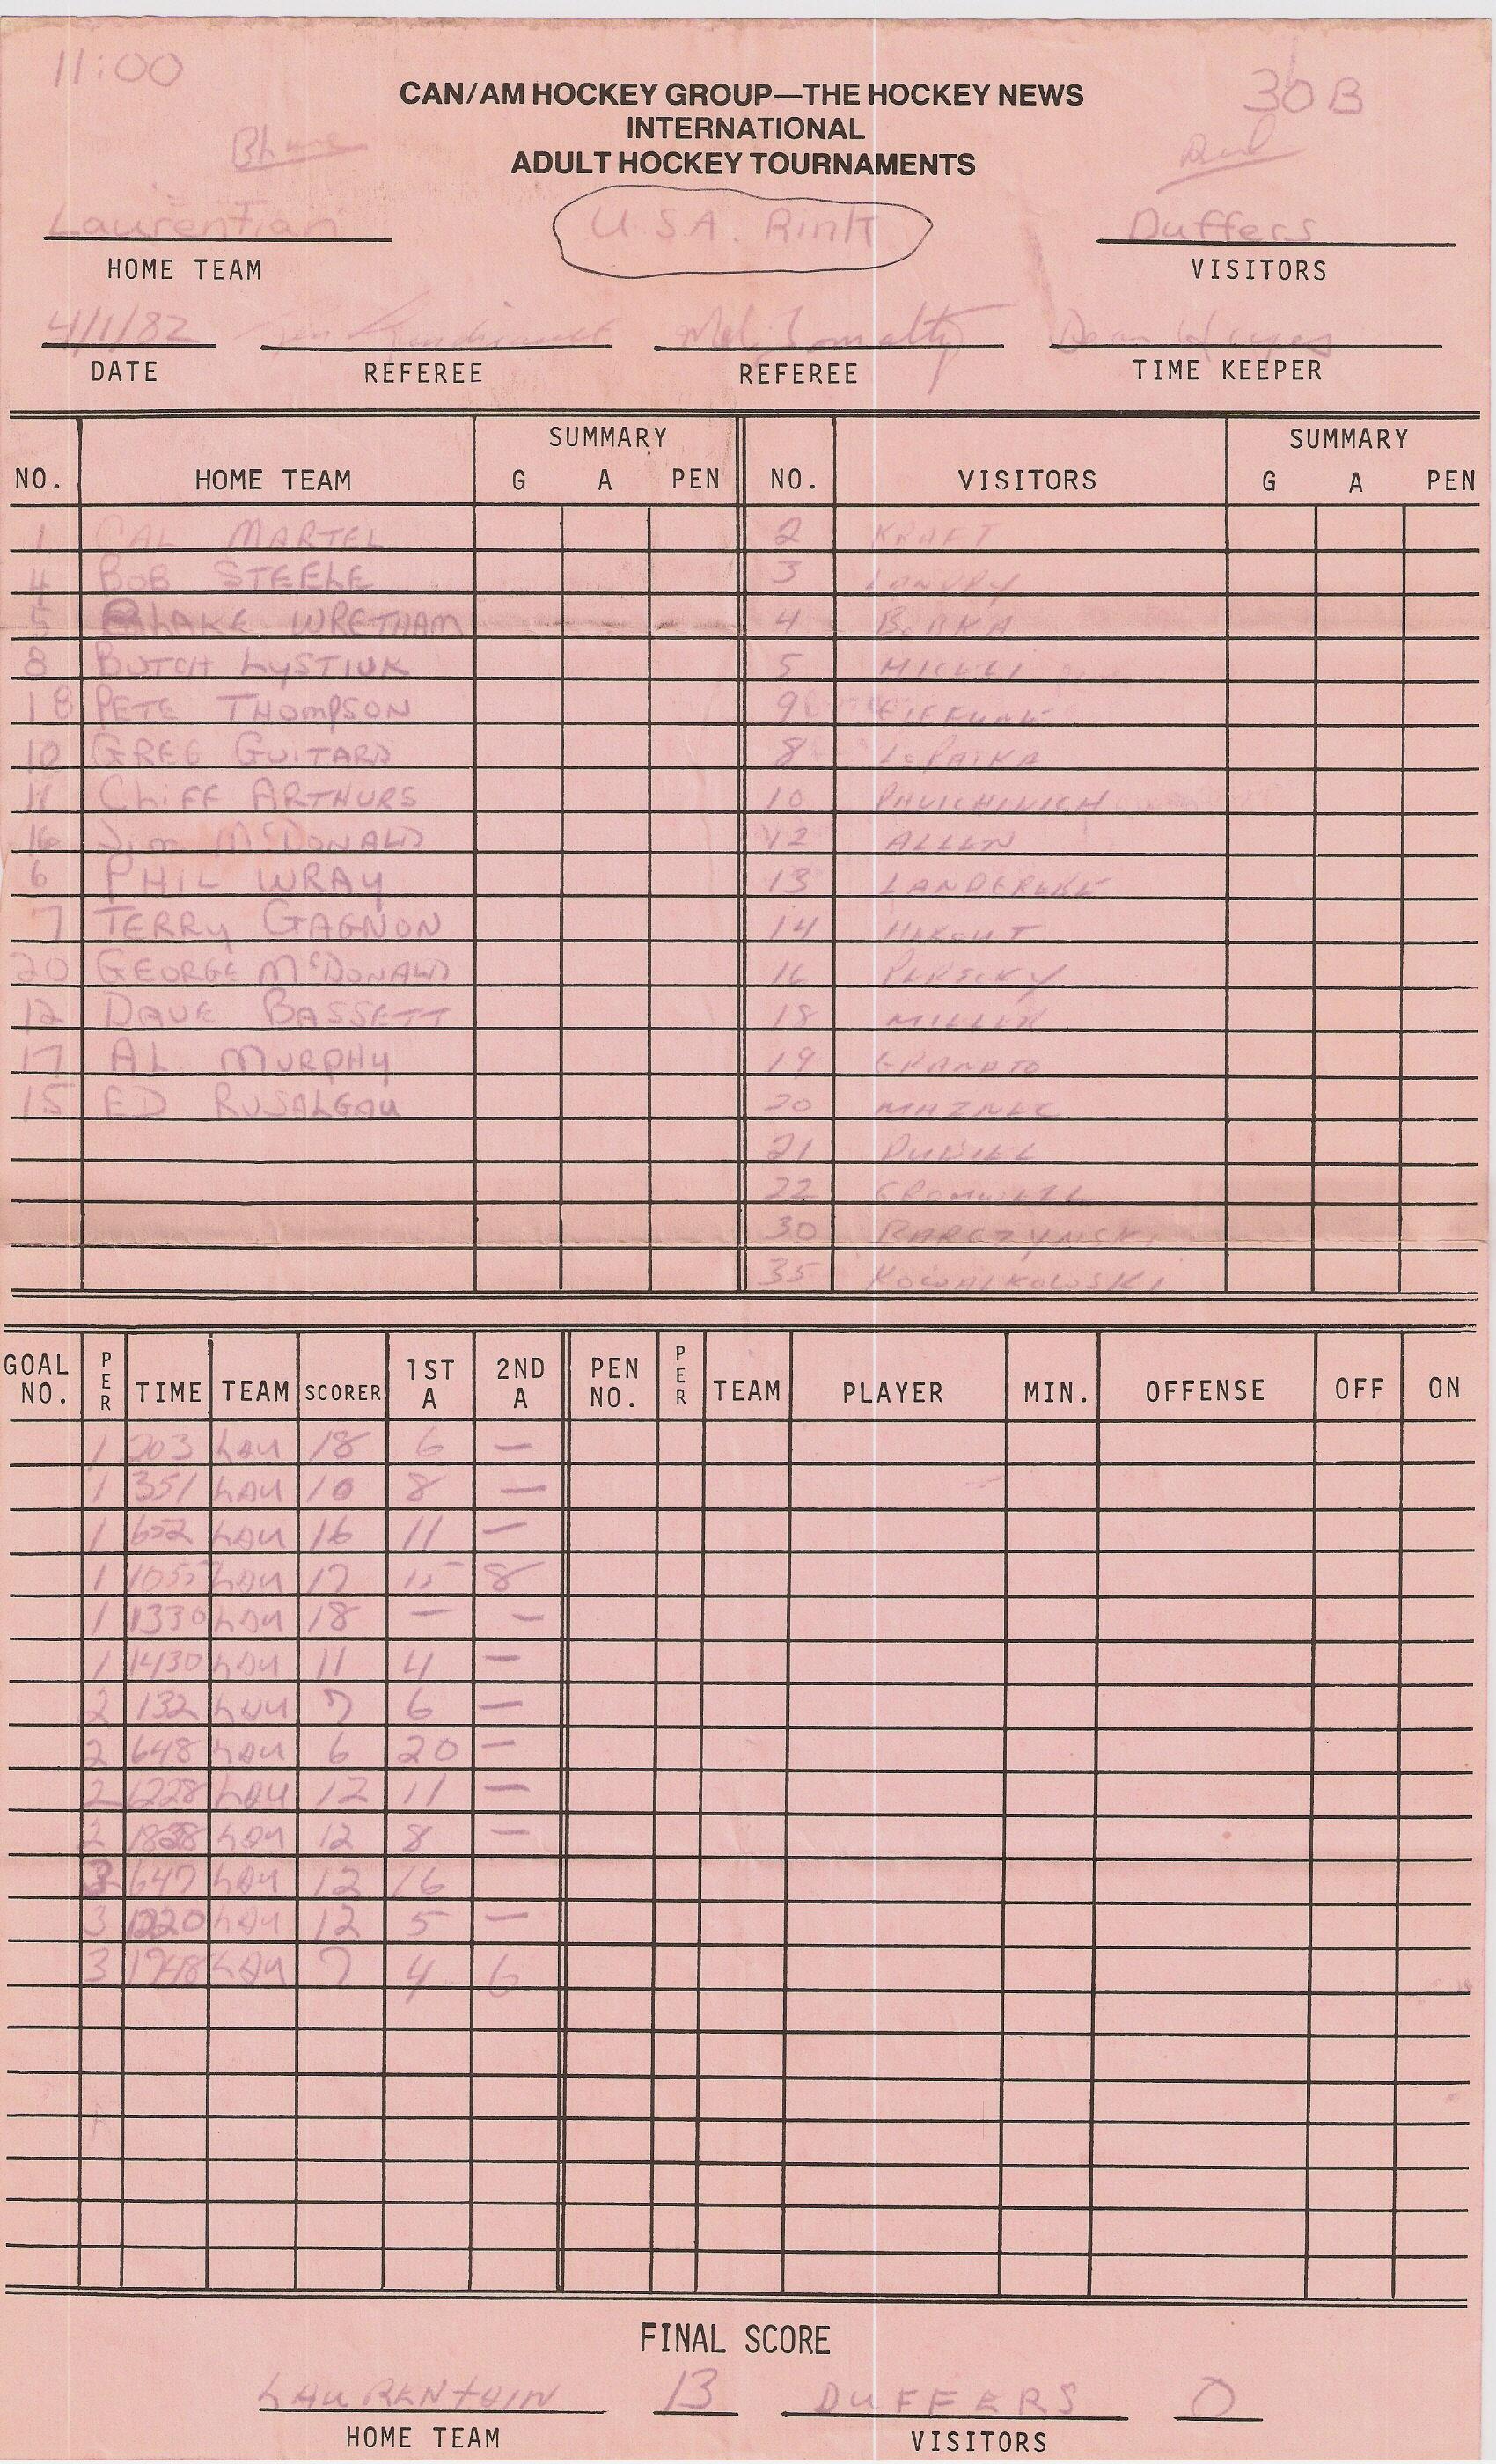 Faded Score Sheets. Scan0022.jpg (948296 Bytes)